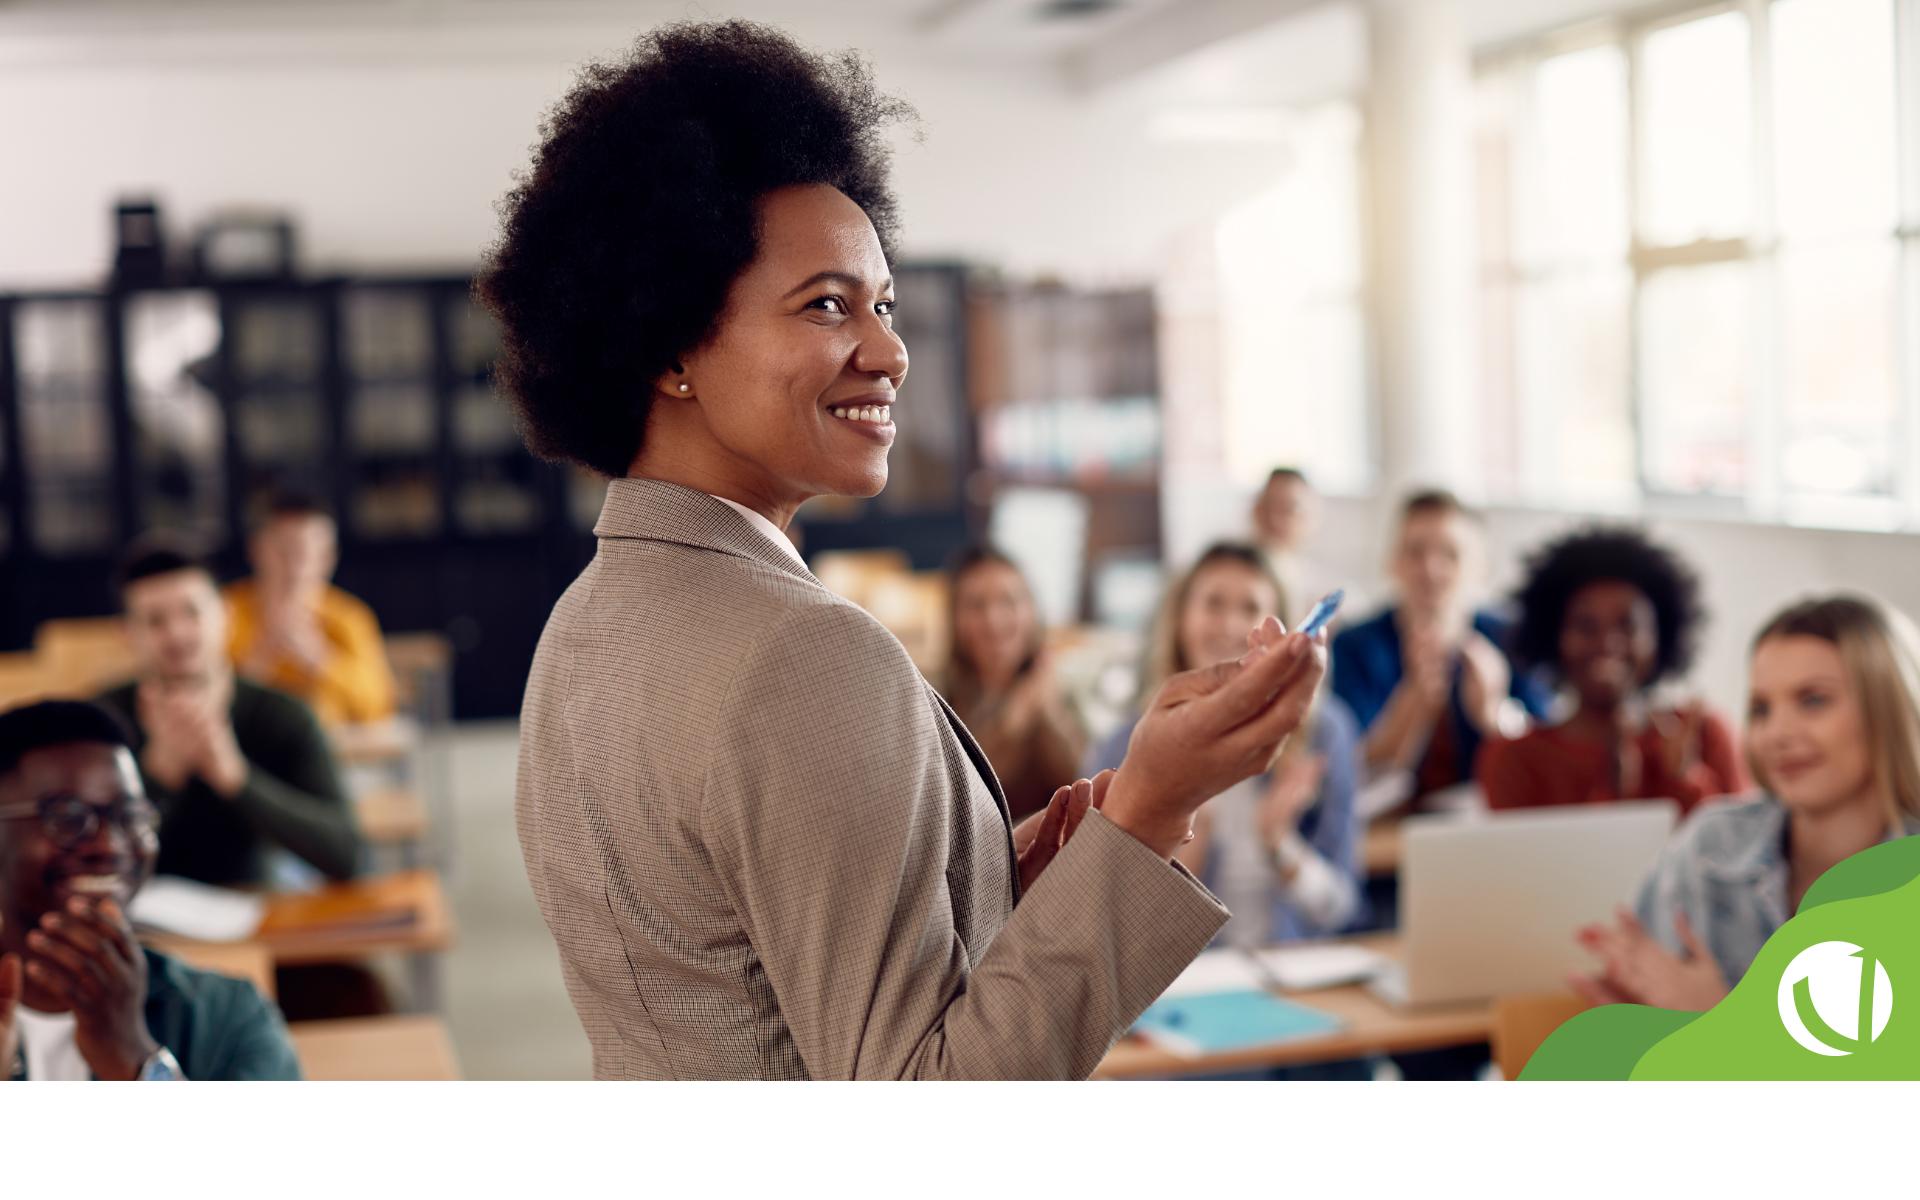 Conheça nossas dicas de temas de palestras para professores e saiba como aprimorar o processo de ensino e aprendizagem na sua escola.